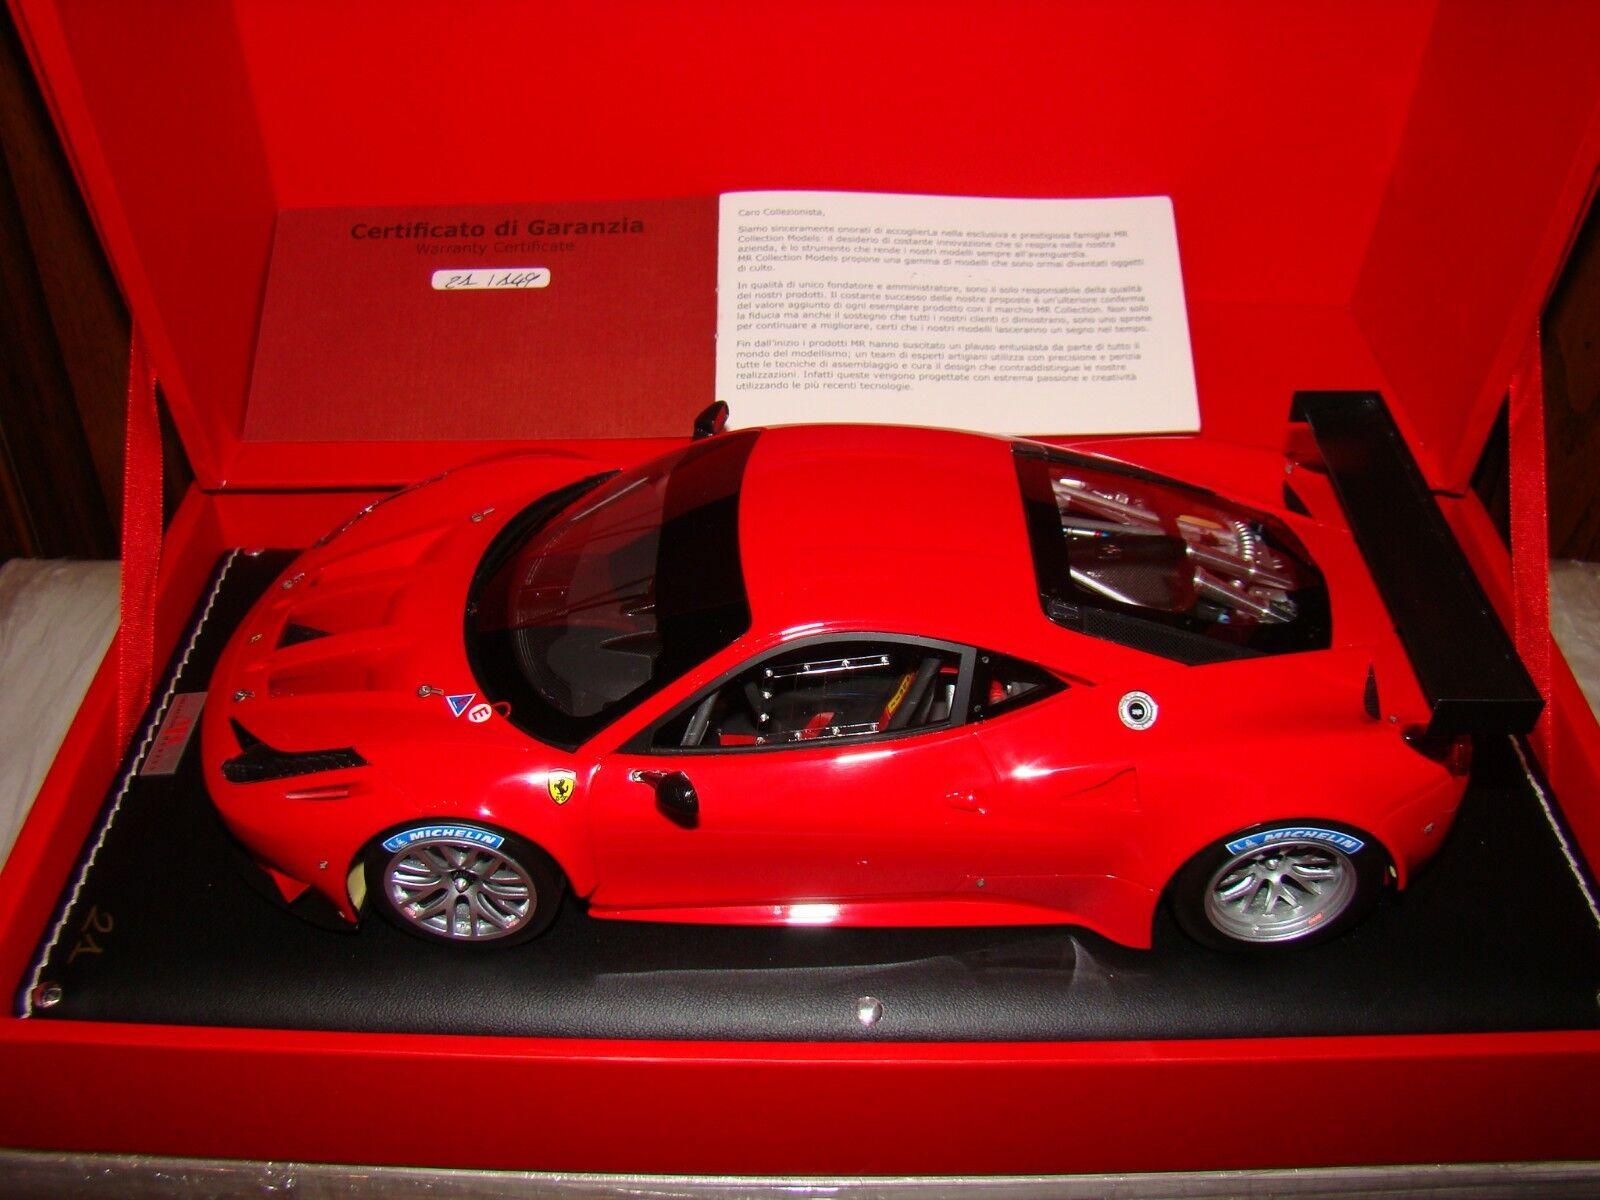 FERRARI 458 GT2  MR COLLECTION  ROSSO SCUDERIA  LIMITED EDITION 021/149 PCS